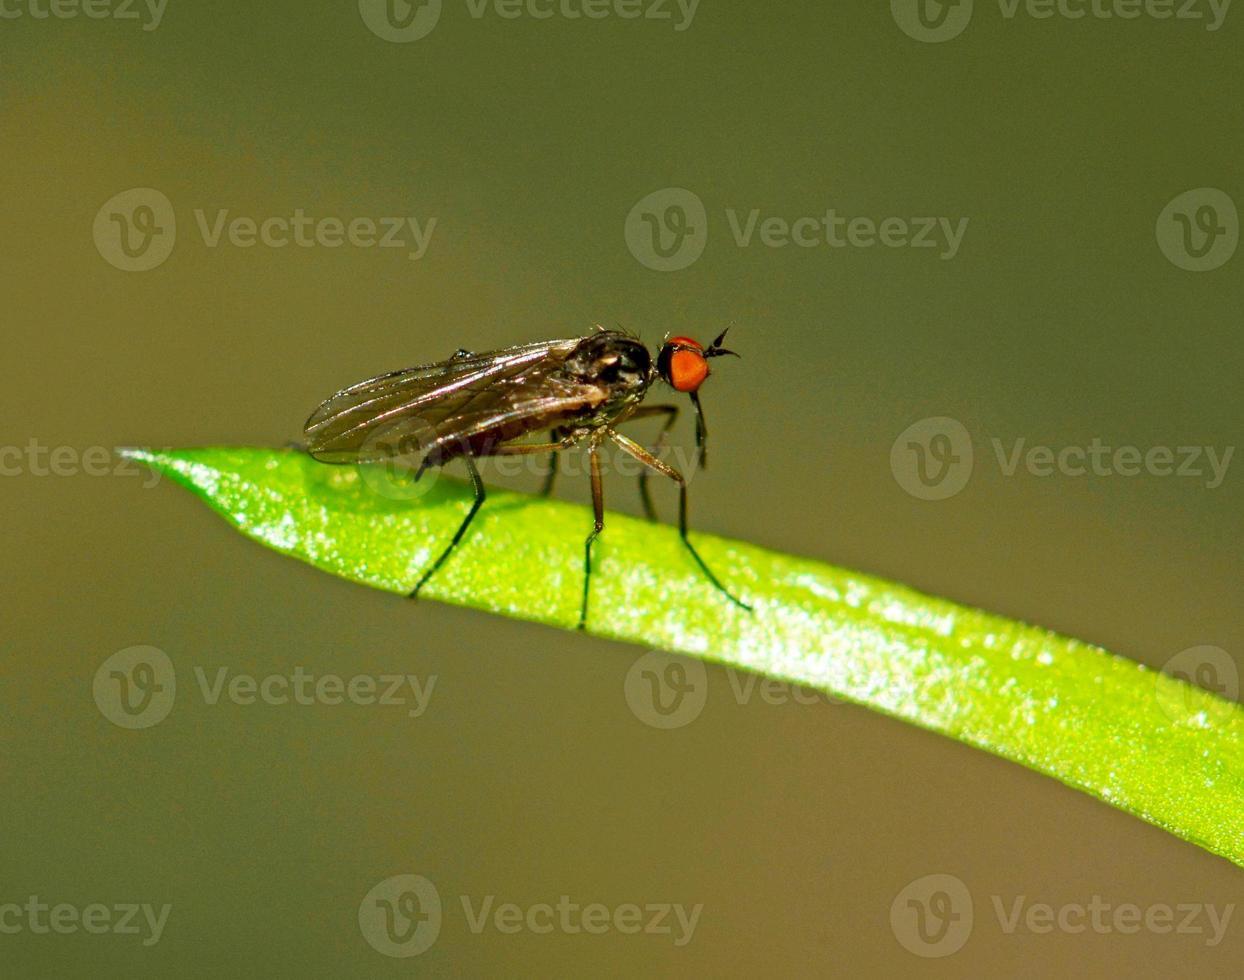 stechende Fliege auf einem Blatt foto